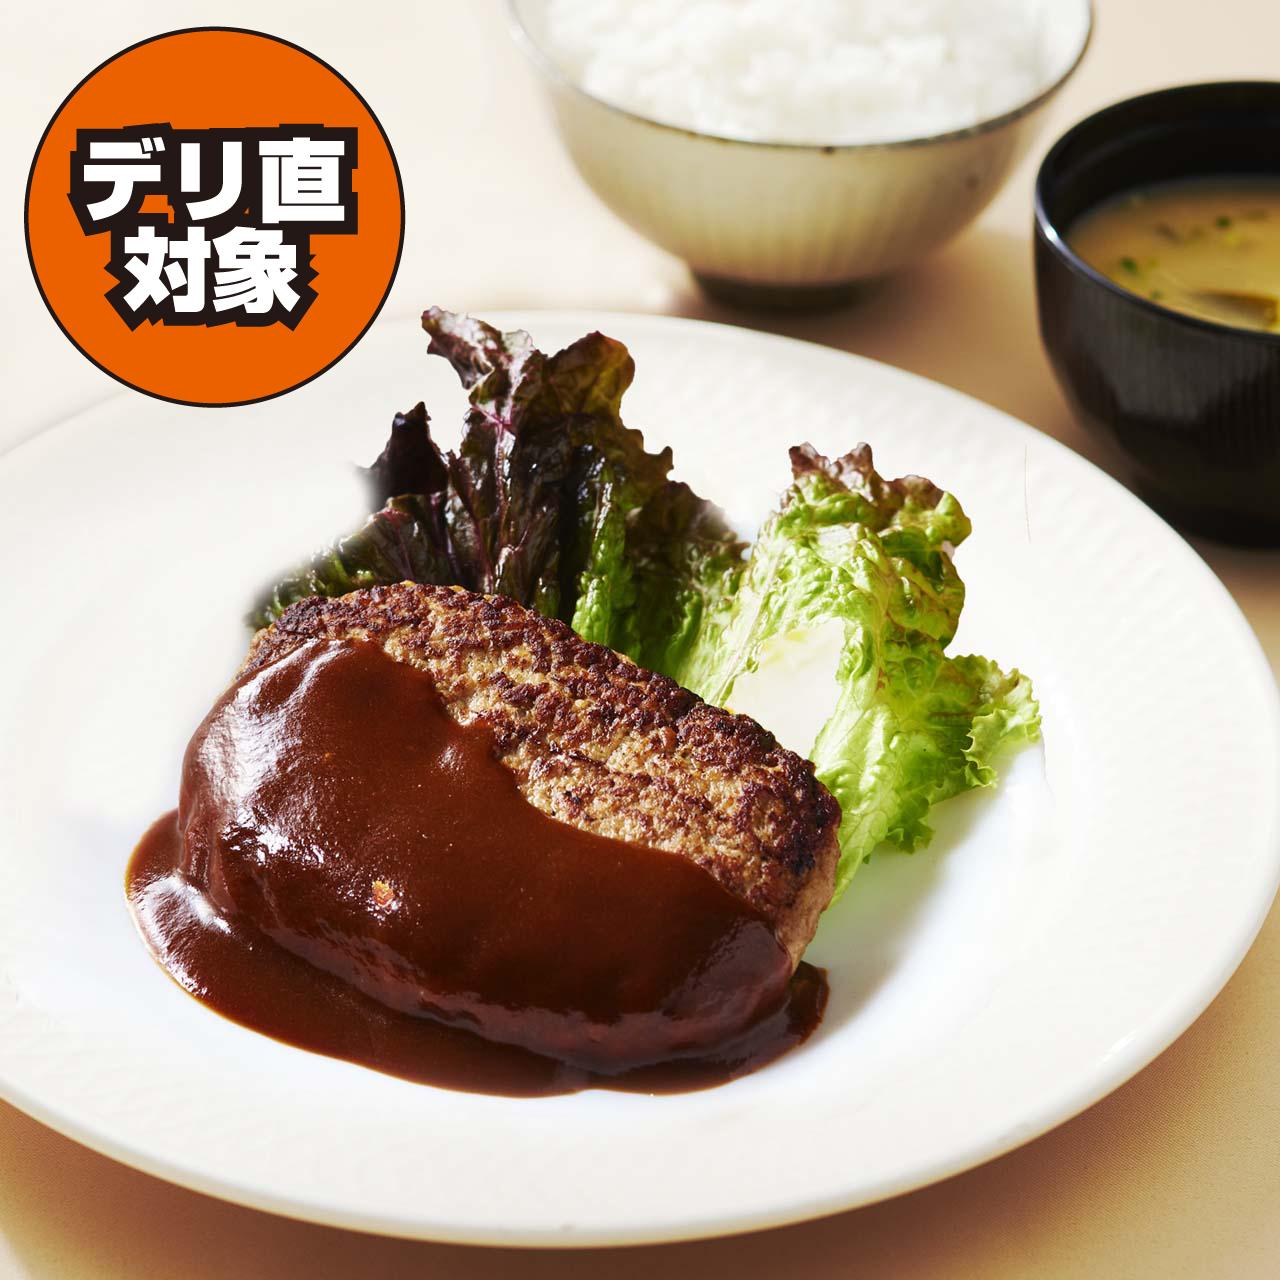 デミハンバーグ定食 (みそ汁付)≪1132≫